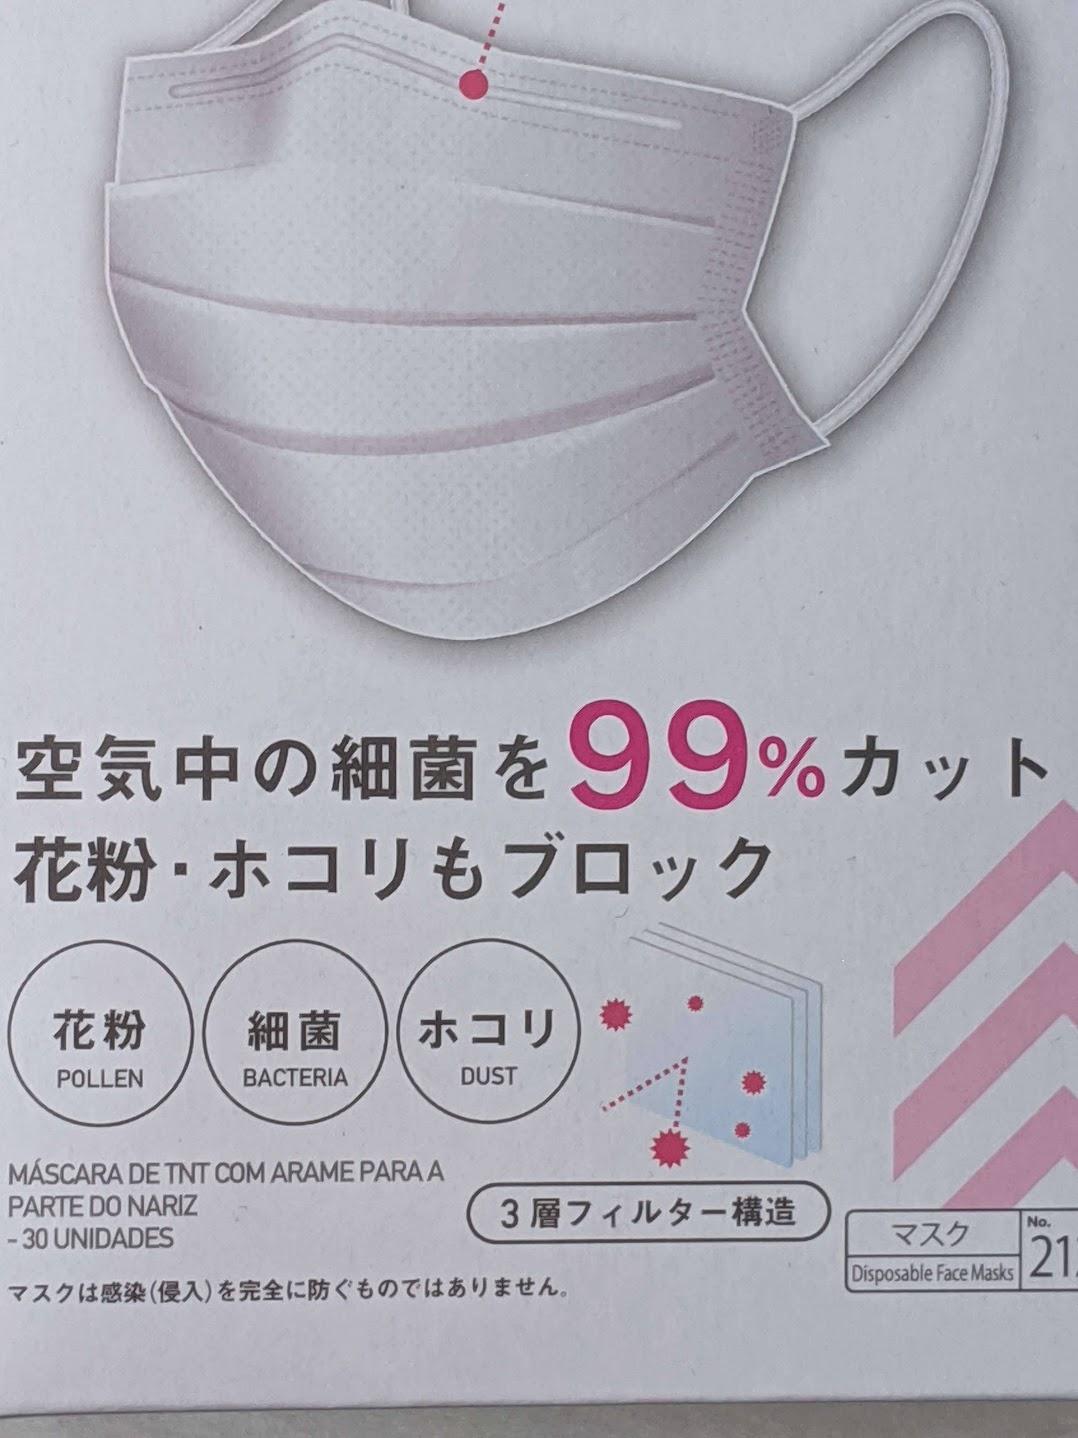 ダイソーの箱マスク